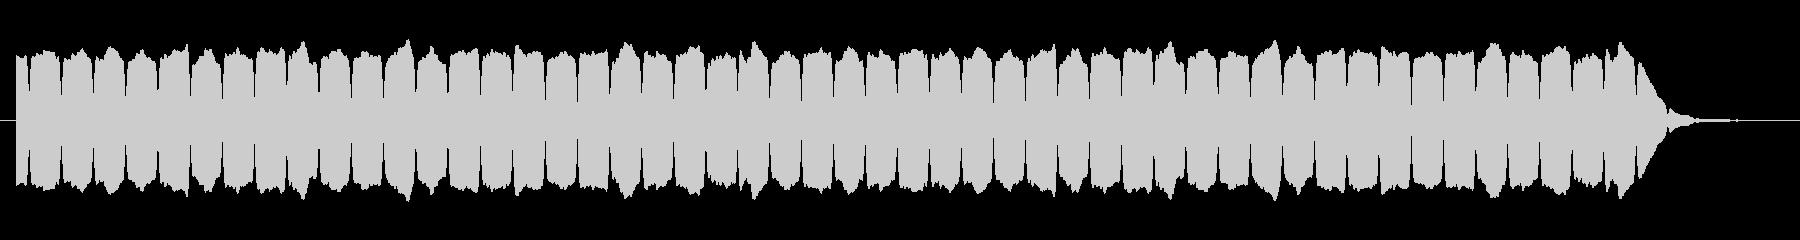 鉄道サウンド 駅発車ブザーの未再生の波形